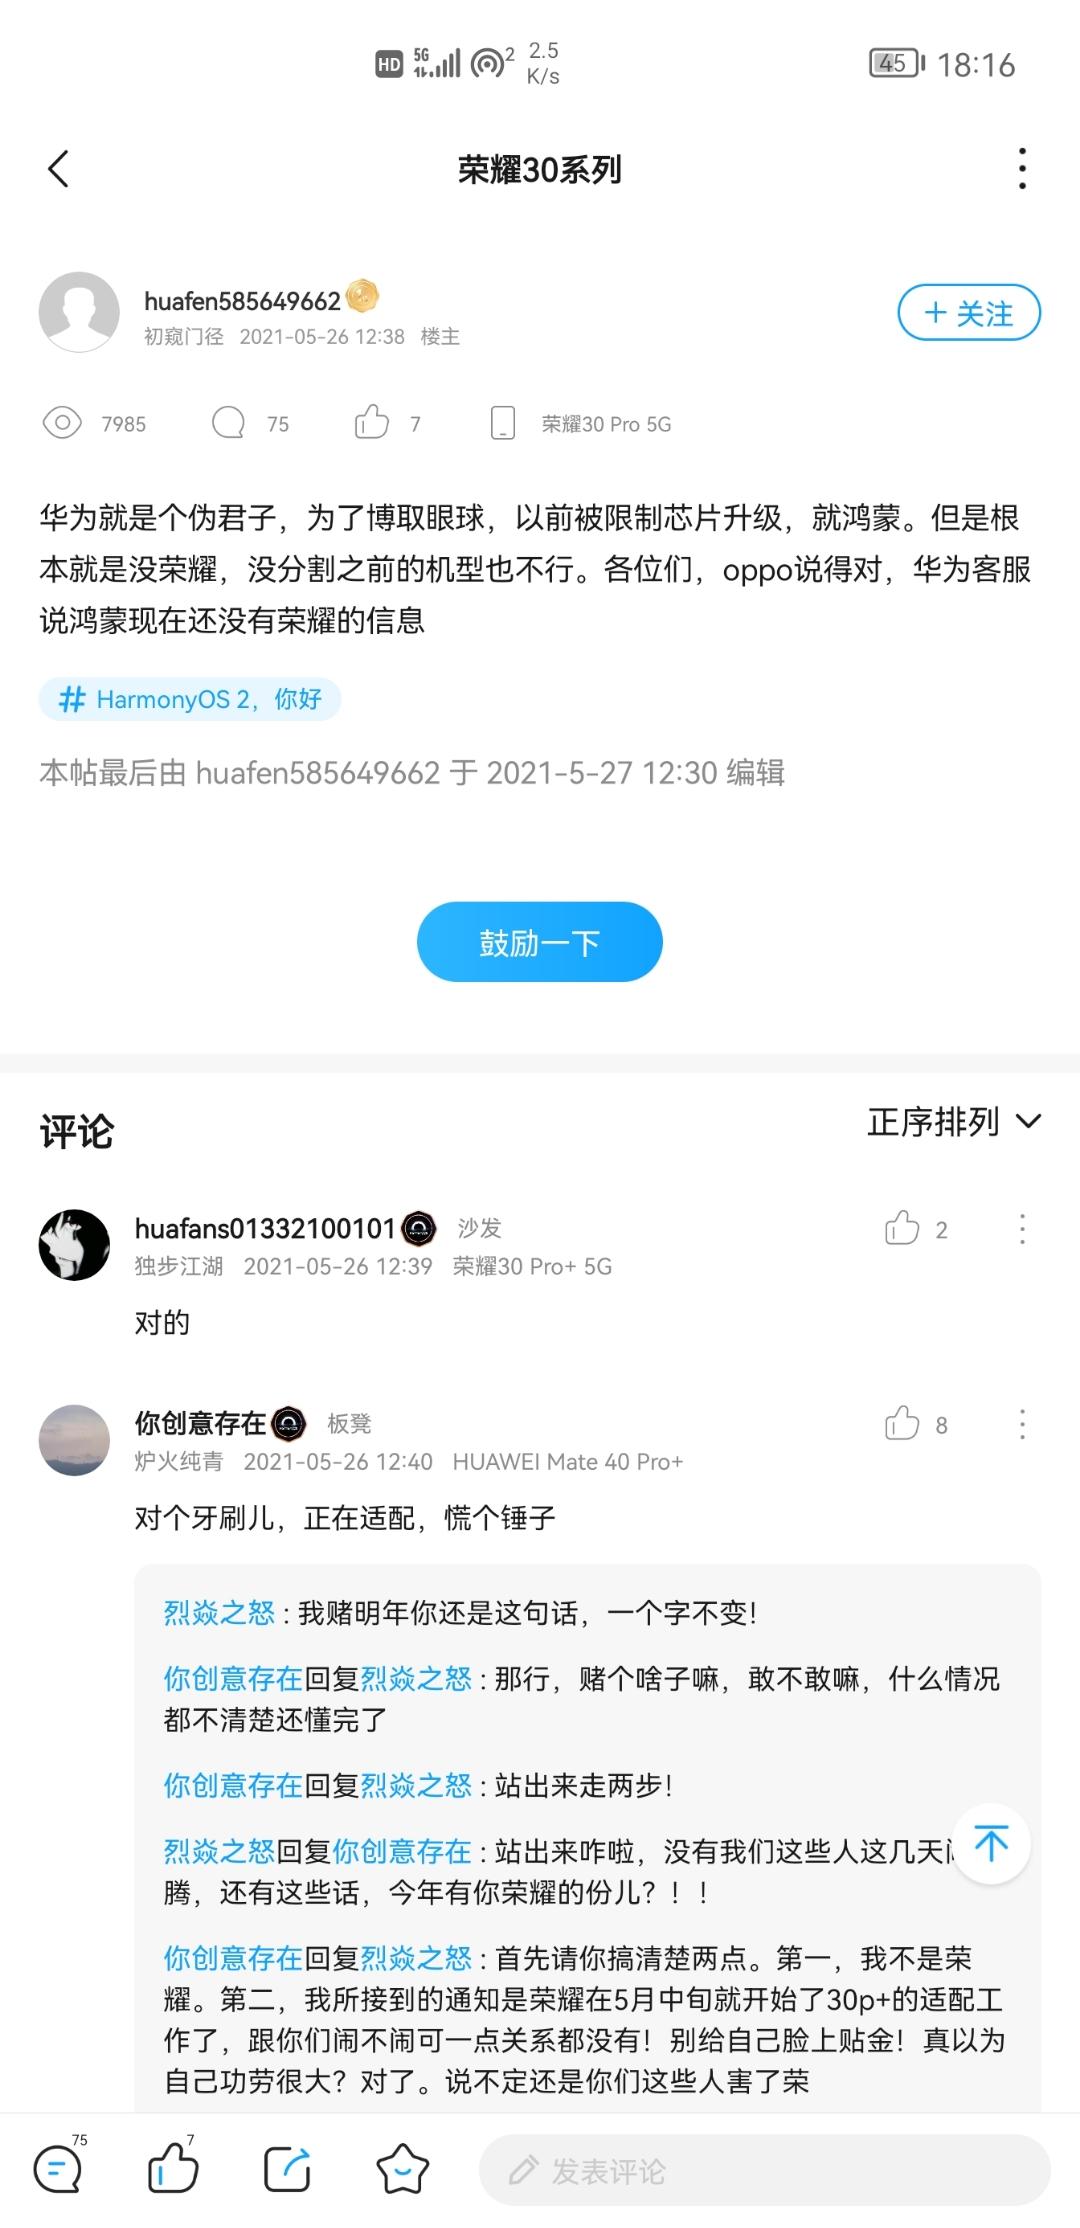 Screenshot_20210611_181632_com.huawei.fans.jpg